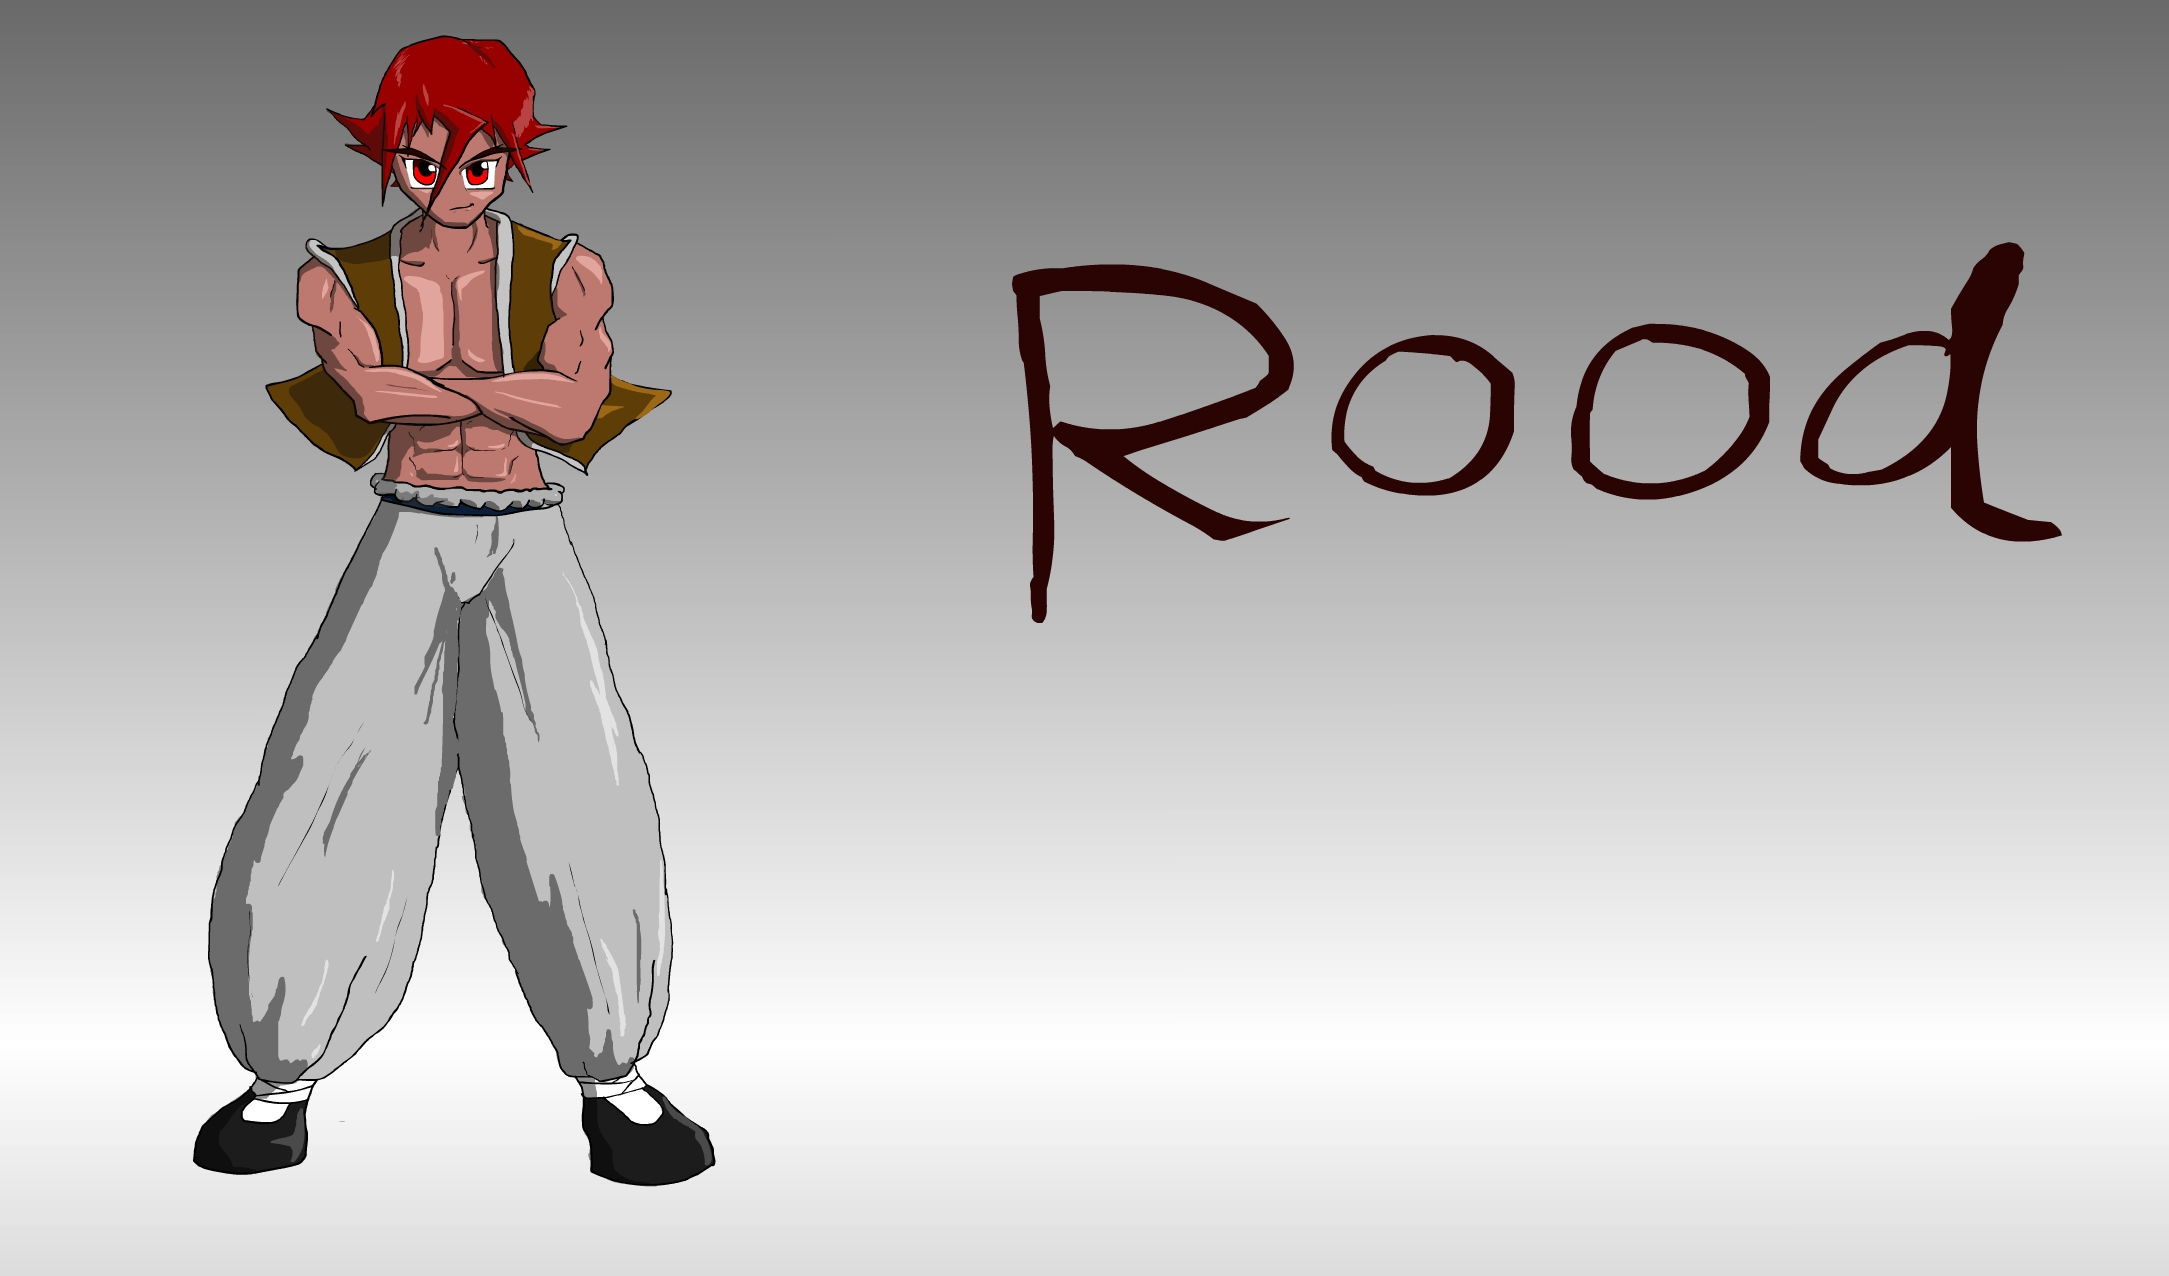 Ani-Rood